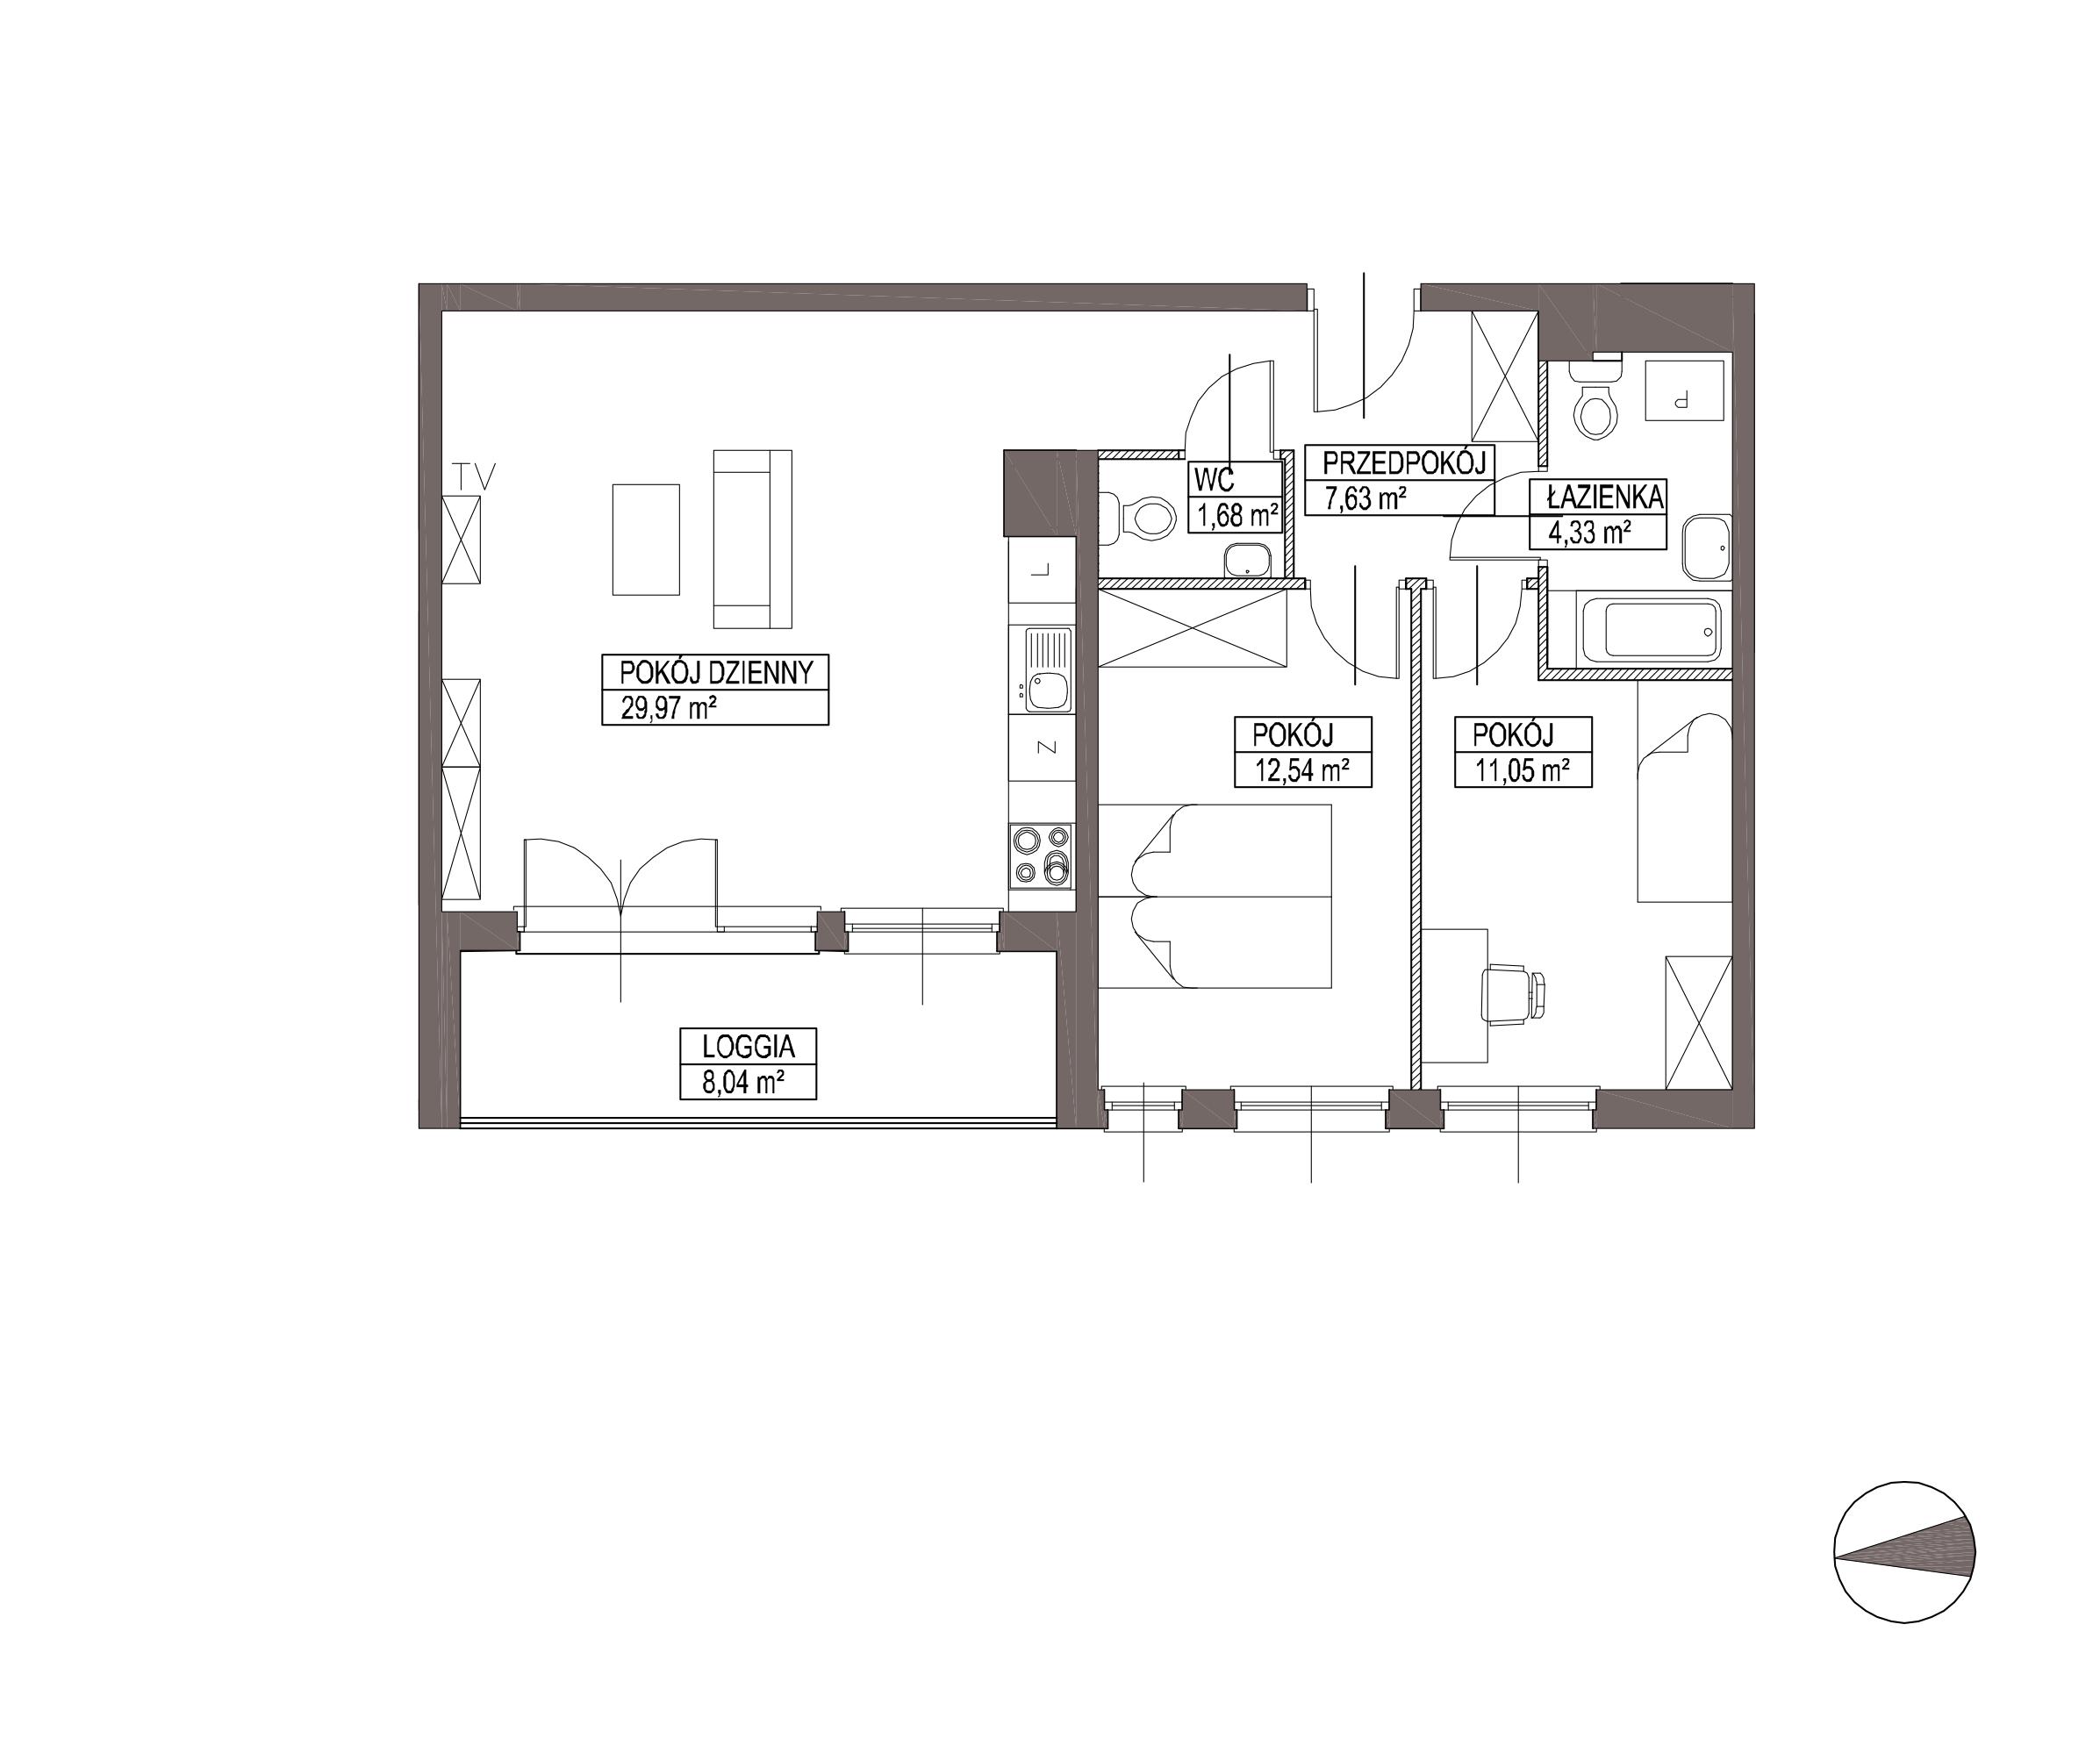 Kameralna Olszówka / budynek 1 / mieszkanie KO/B/2/3 rzut 1